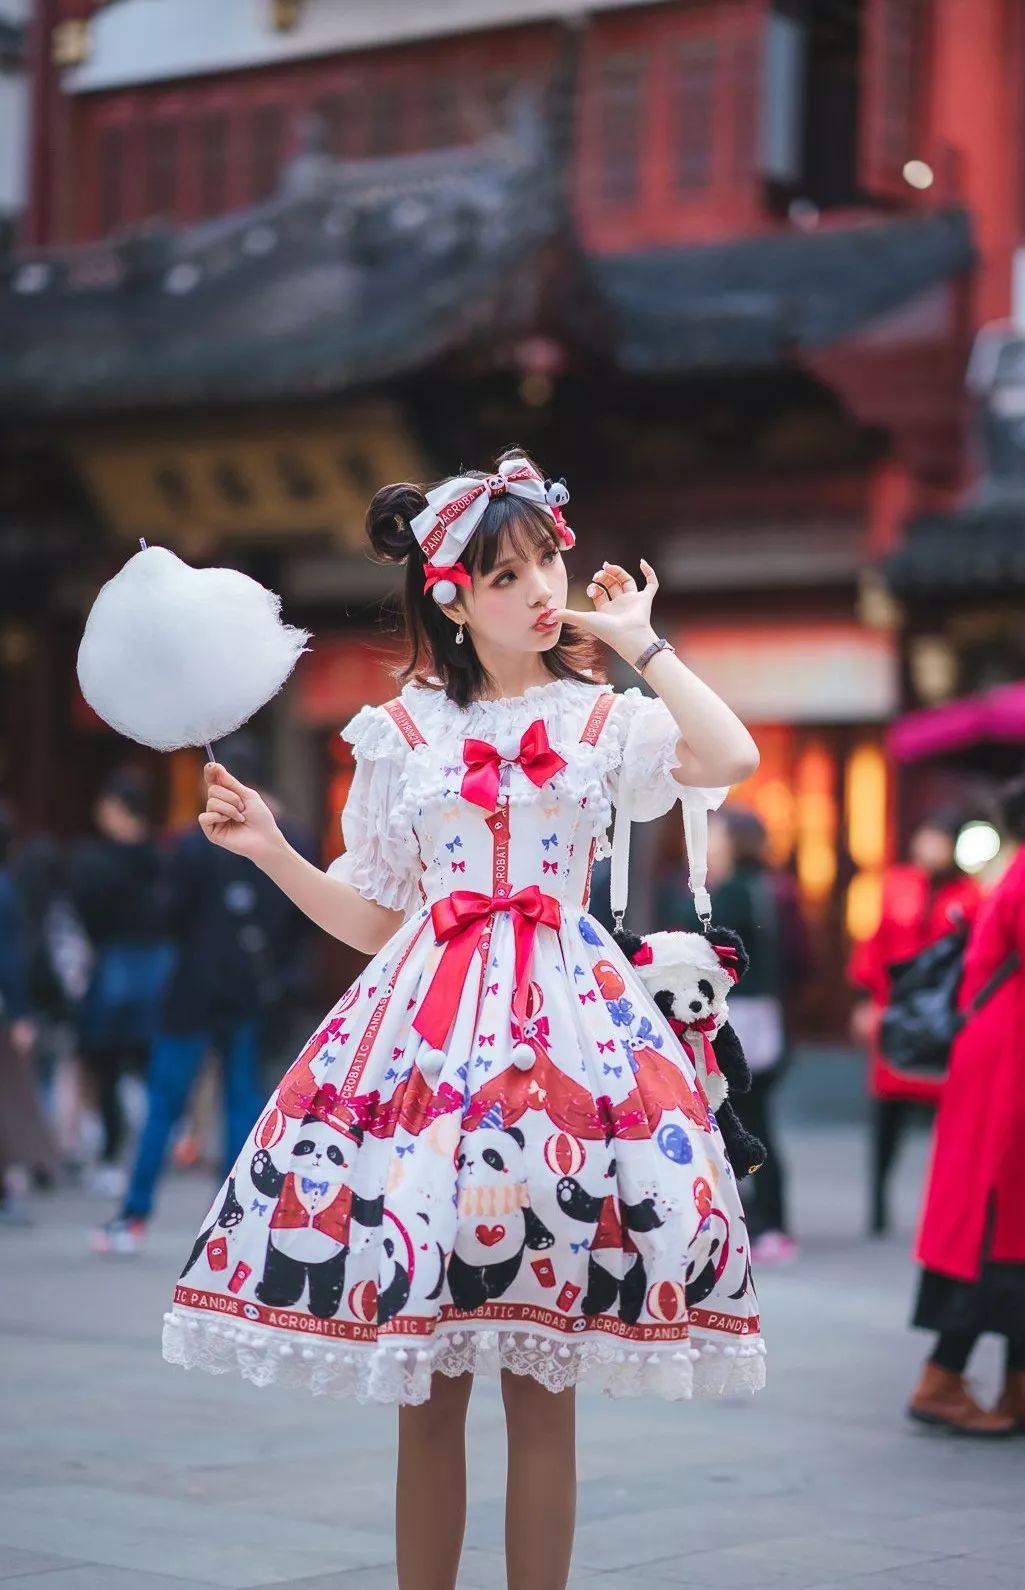 妹子摄影 – 鬼马精灵Lolita女孩@-谢安然-外出旅拍_图片 No.5